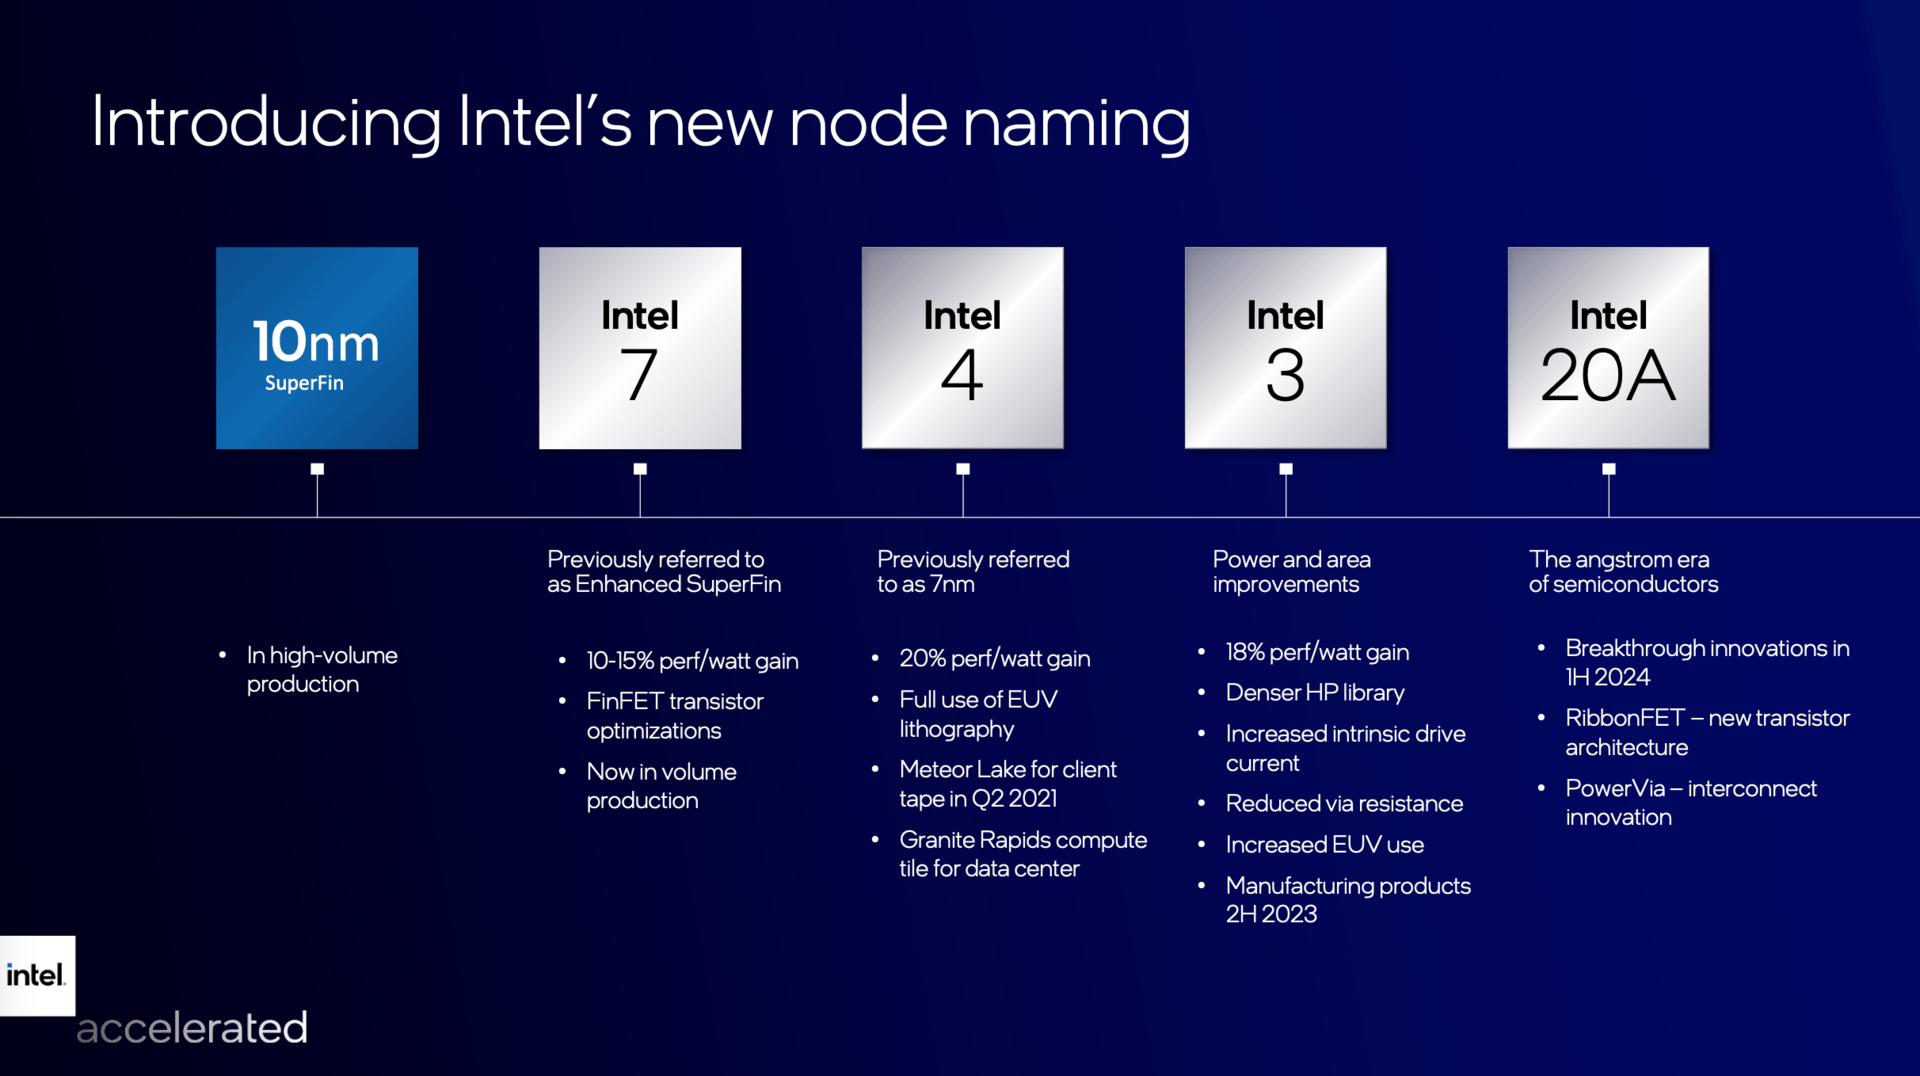 Nuevos nombres para los niveles de fabricación de Intel